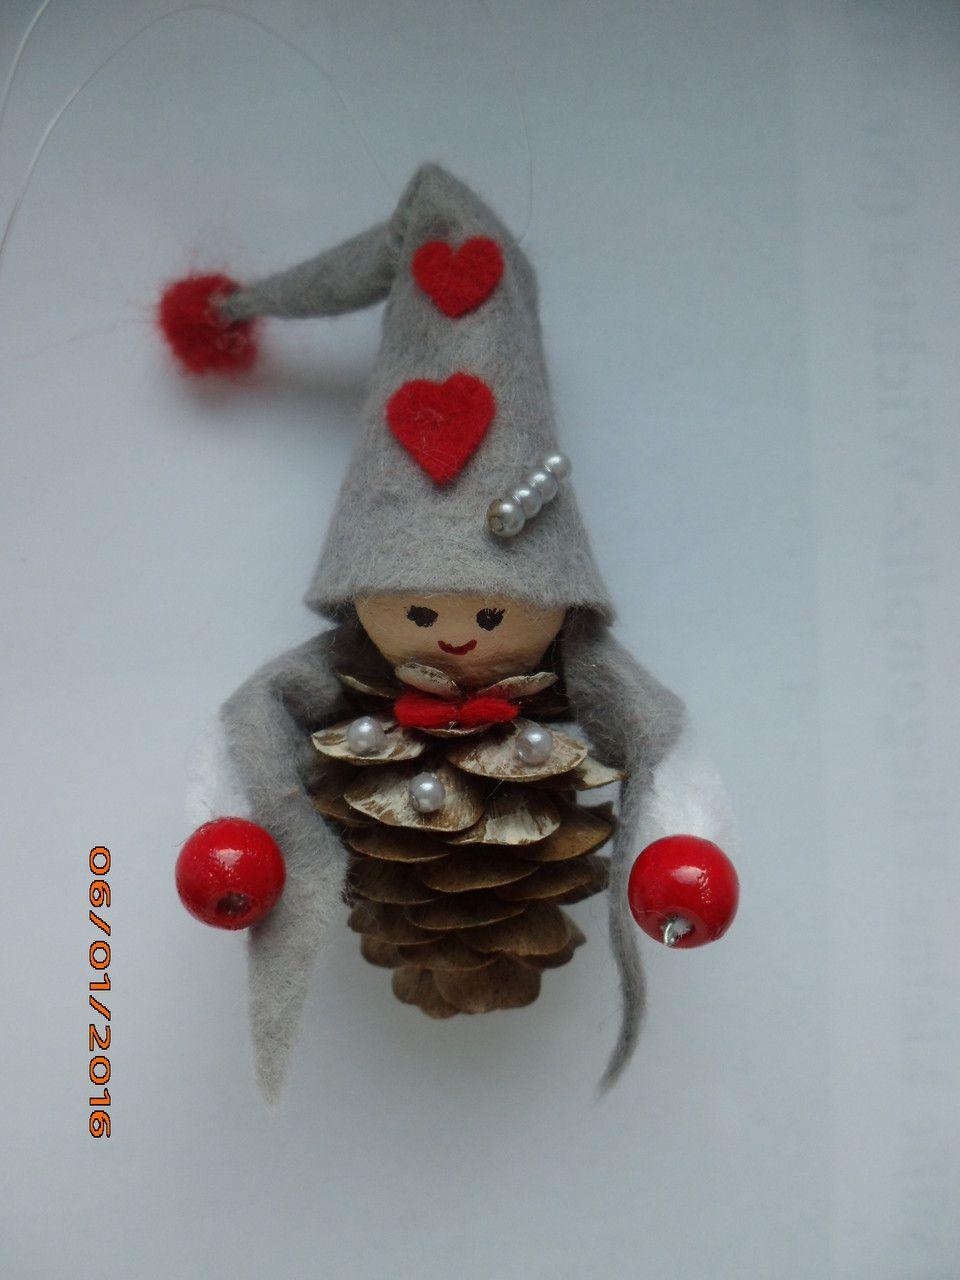 Basteln weihnachten zwerg wichtel treuherz handgefertigte m rchenfigur aus zapfen - Weihnachtsdekoration basteln mit kindern ...